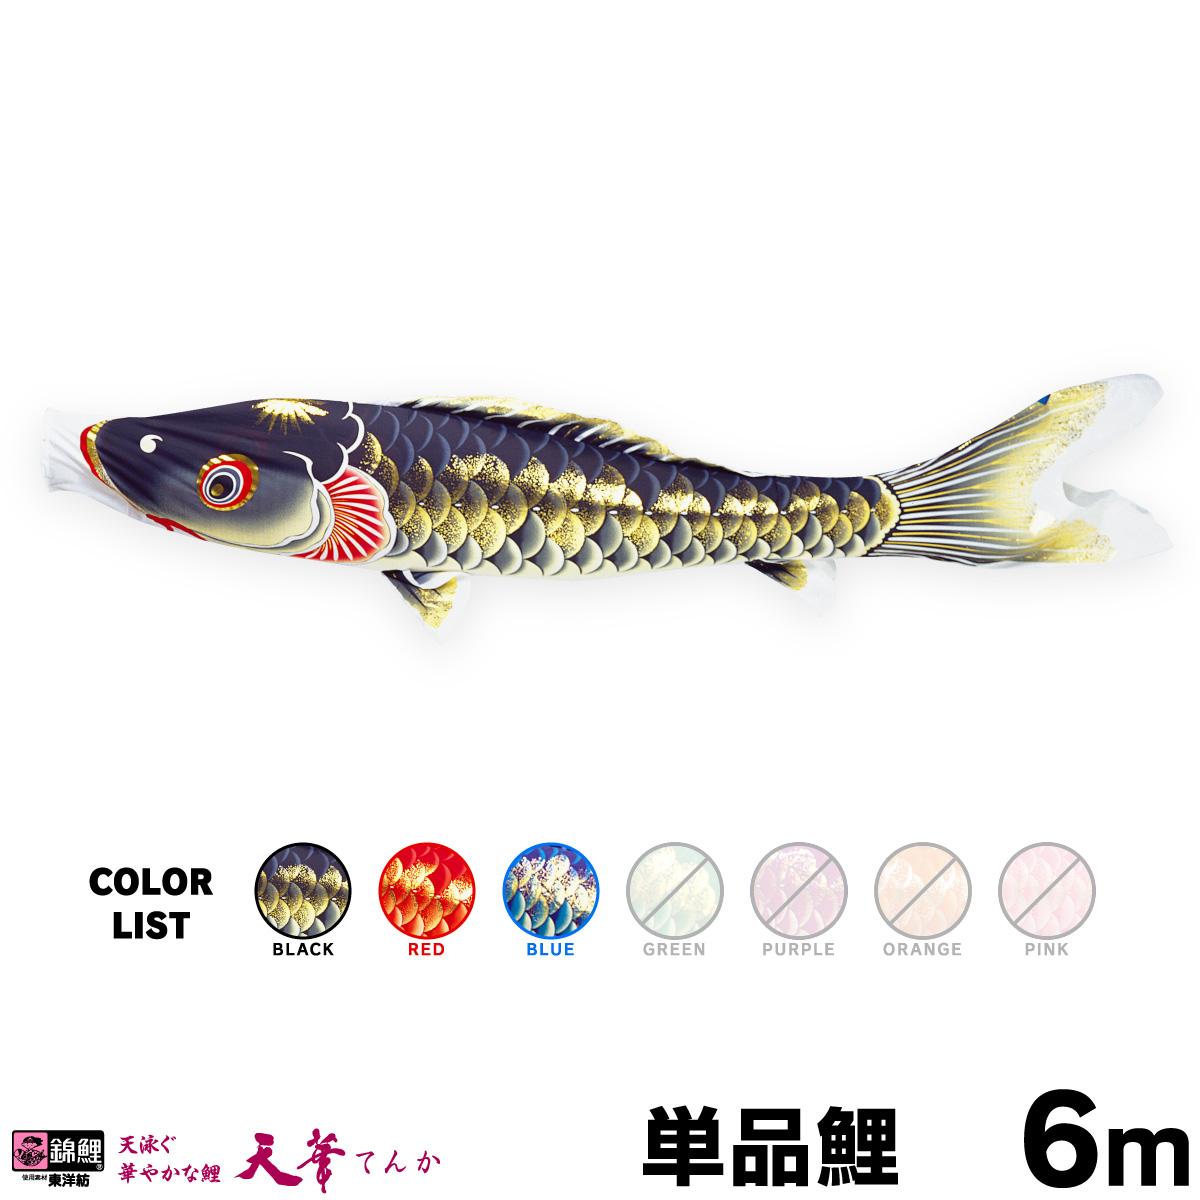 【こいのぼり 単品】 天華鯉 6m 単品鯉